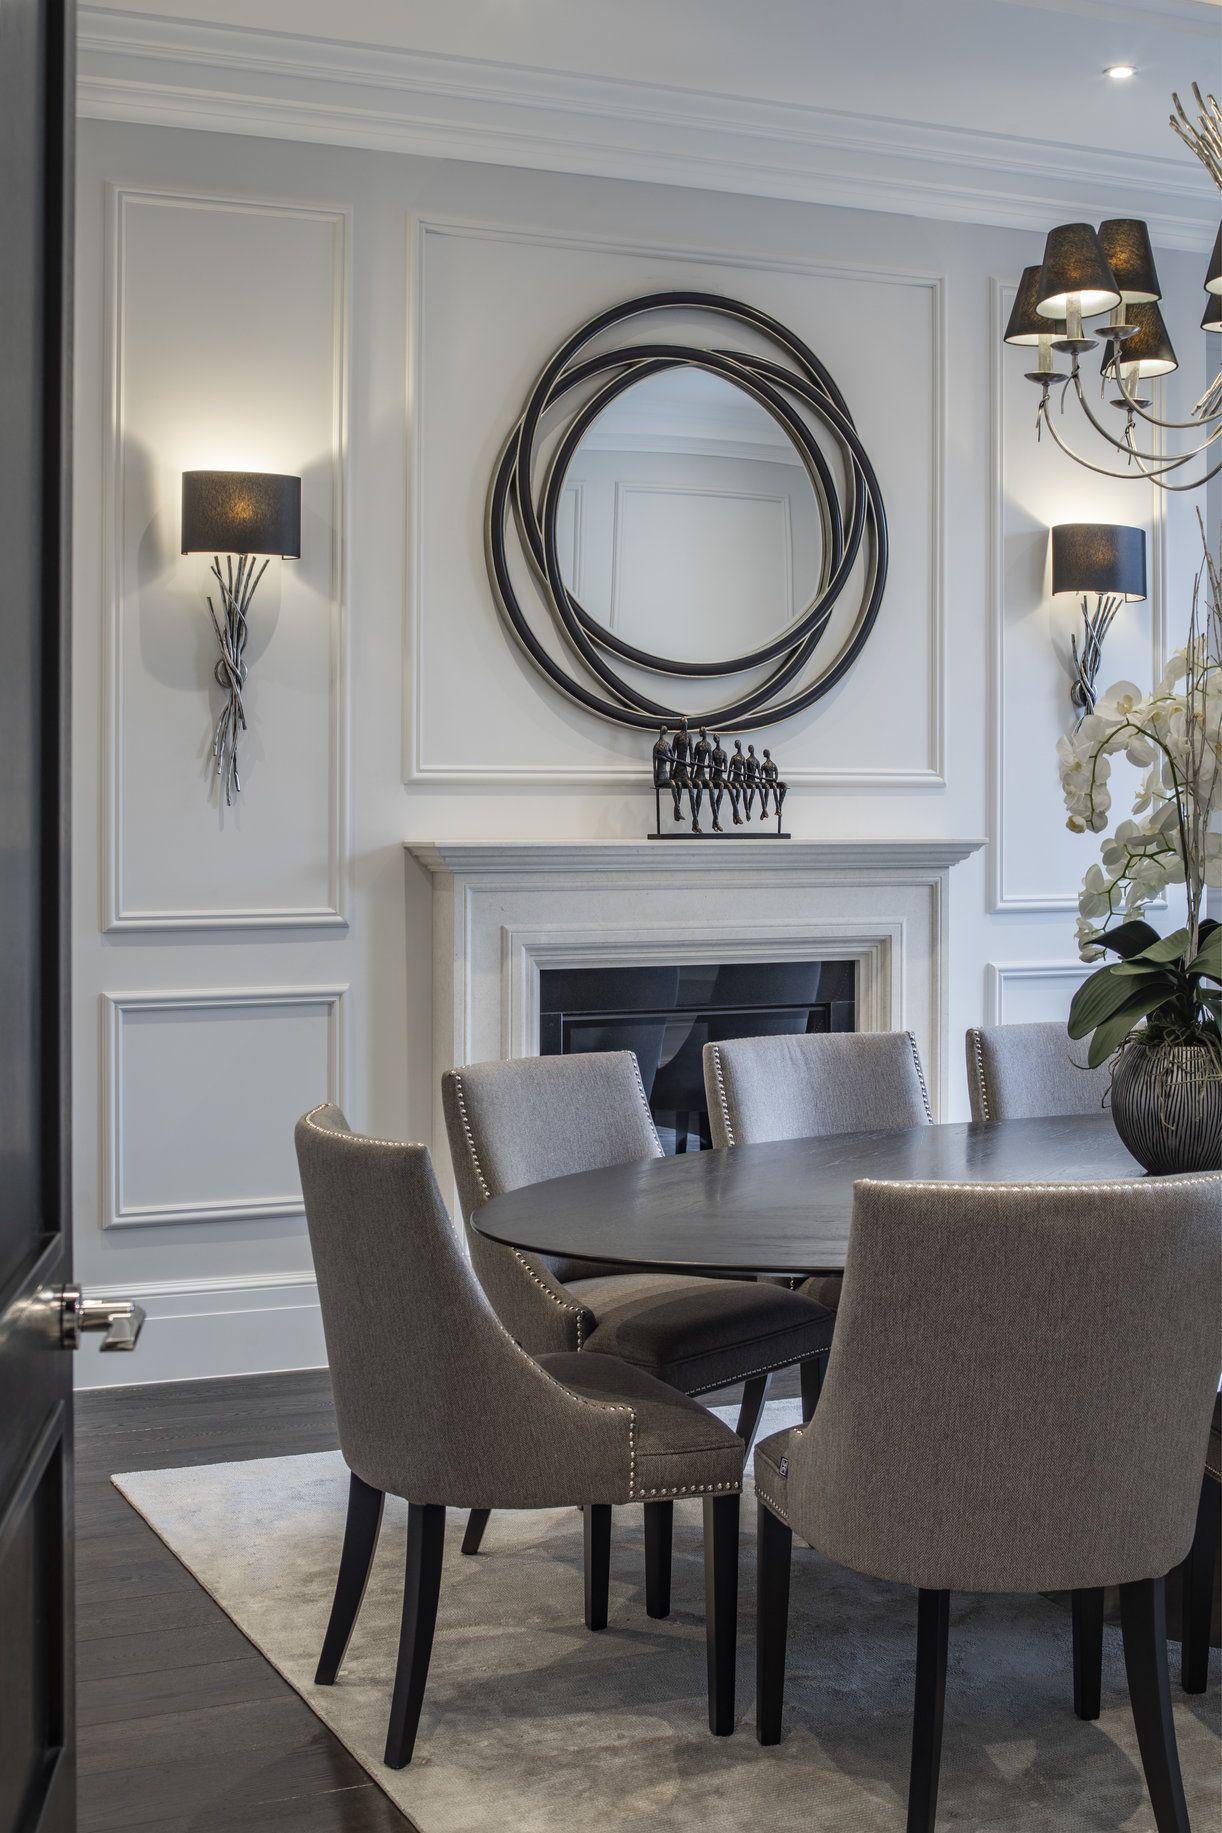 Dining Room Interiors, Wall Lights In Dining Room